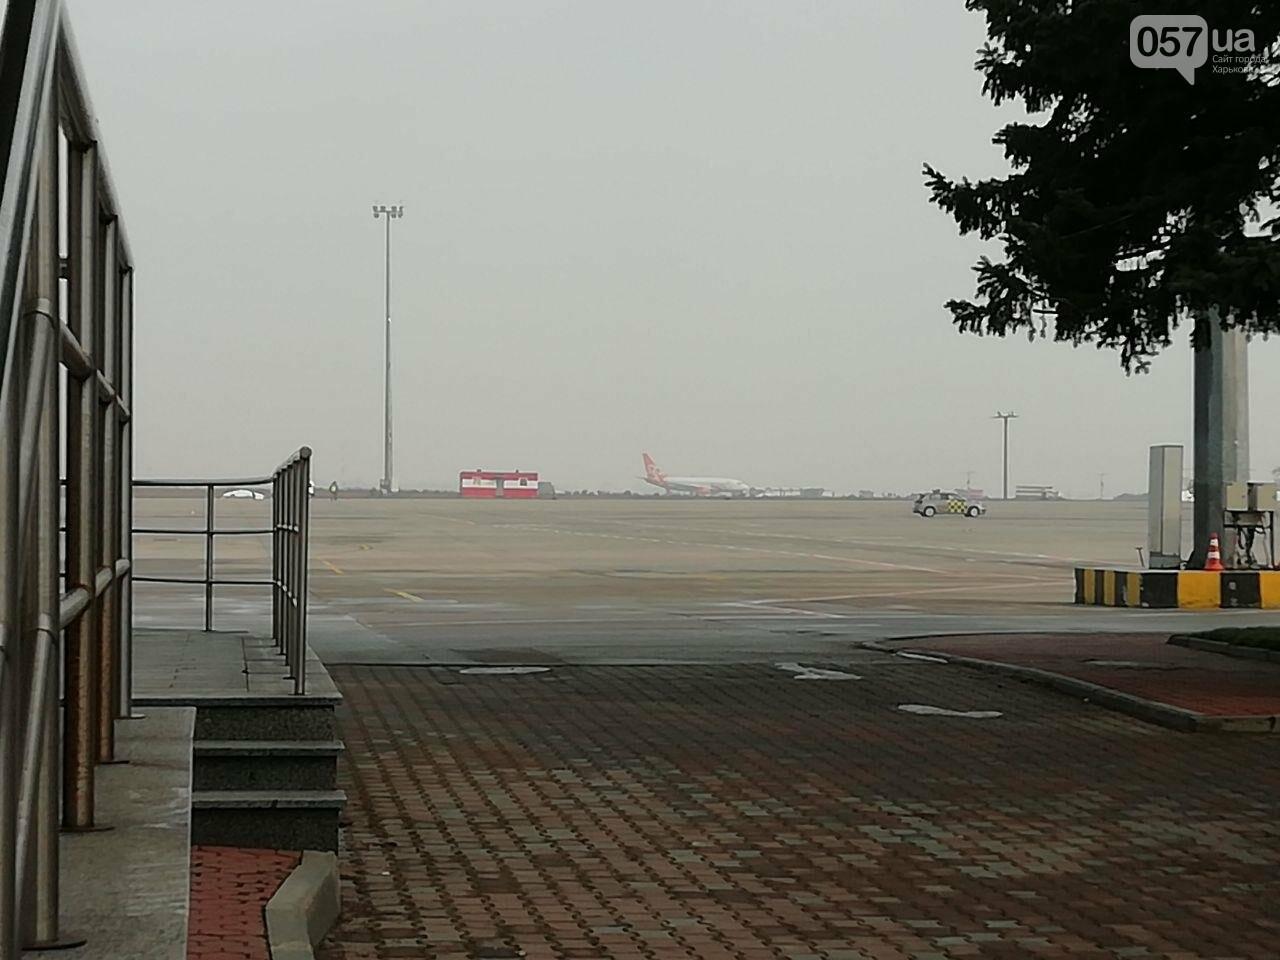 В харьковском аэропорту приземлился самолет с эвакуированными пассажирами из Китая, - ОНЛАЙН-ТРАНСЛЯЦИЯ, фото-15